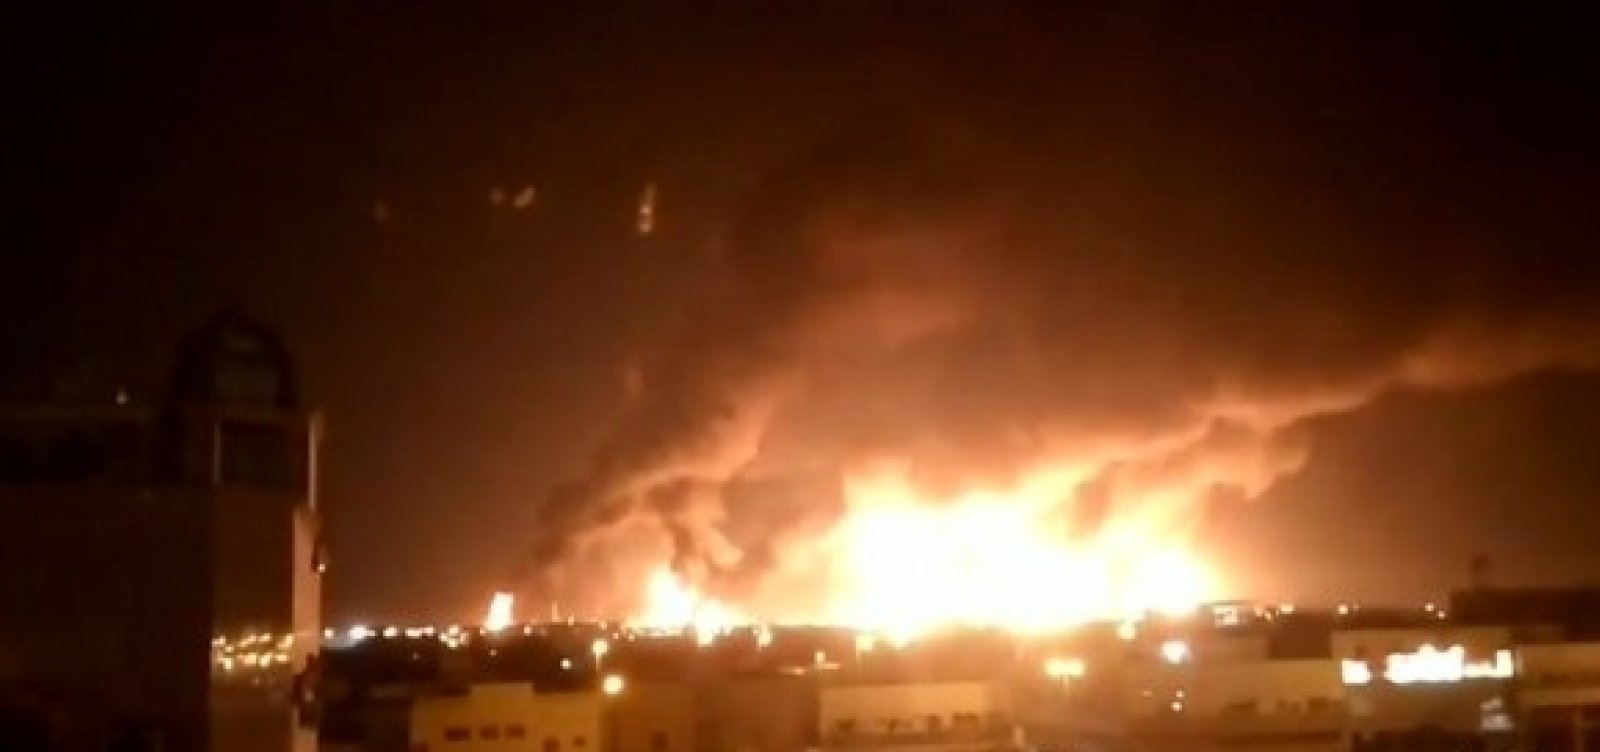 [Preços do petróleo disparam após ataques a estatal na Arábia Saudita]